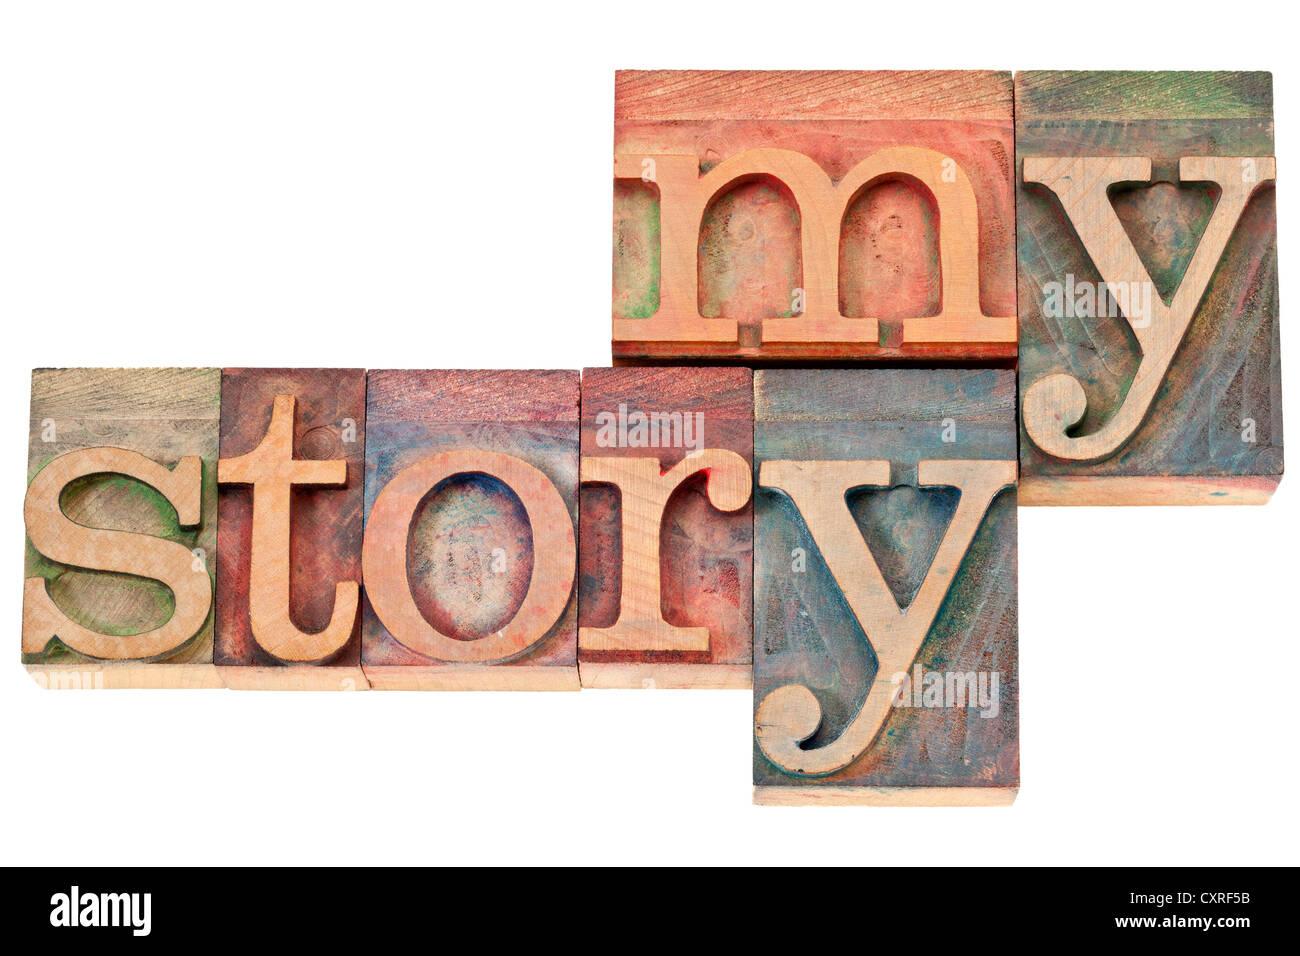 Mon histoire - isolé du texte dans la typographie vintage type de blocs d'impression Photo Stock